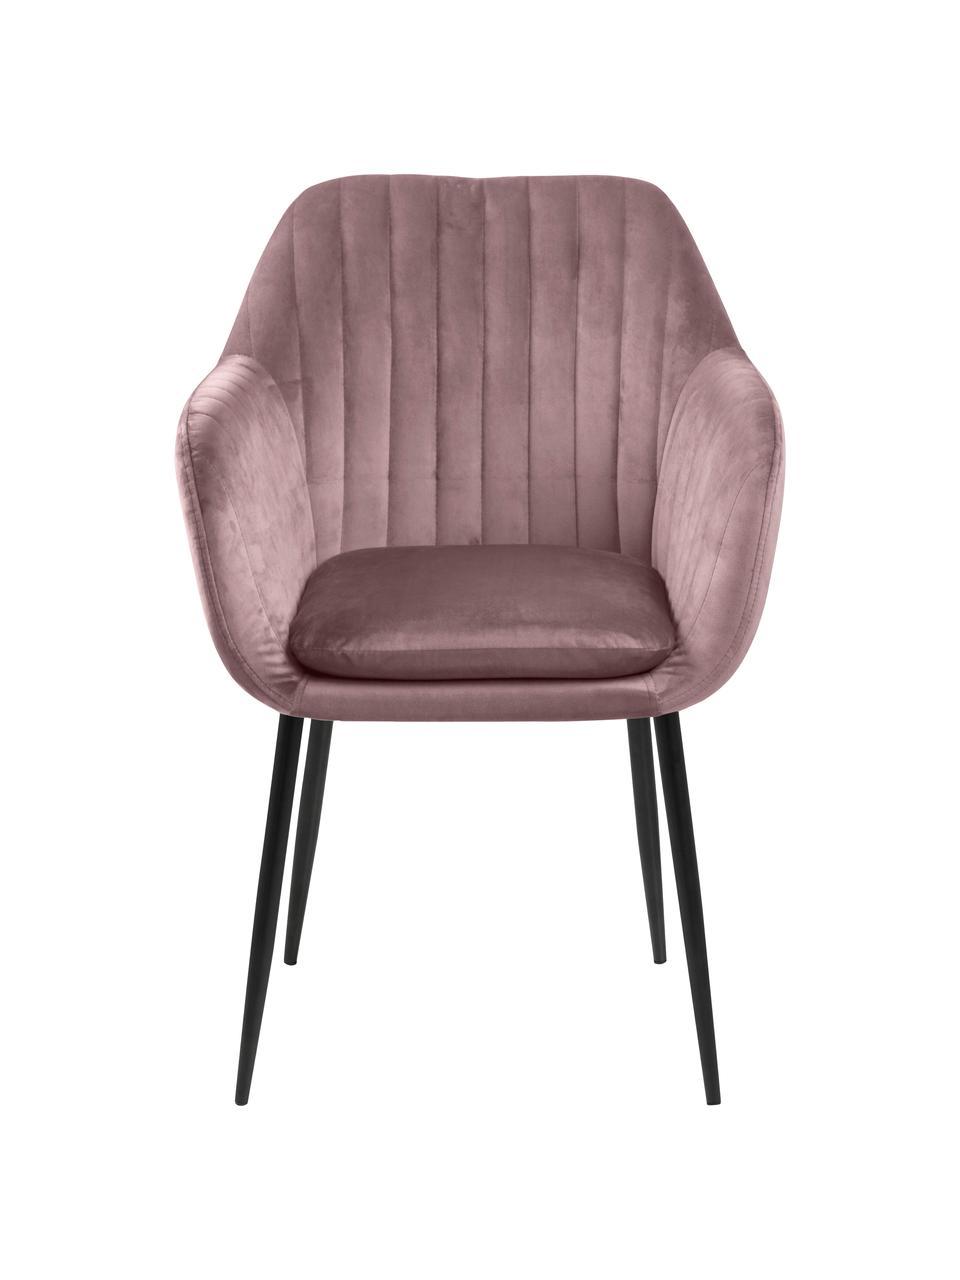 Sametová židle spodručkami a kovovými nohami Emilia, Růžová Nohy: černá